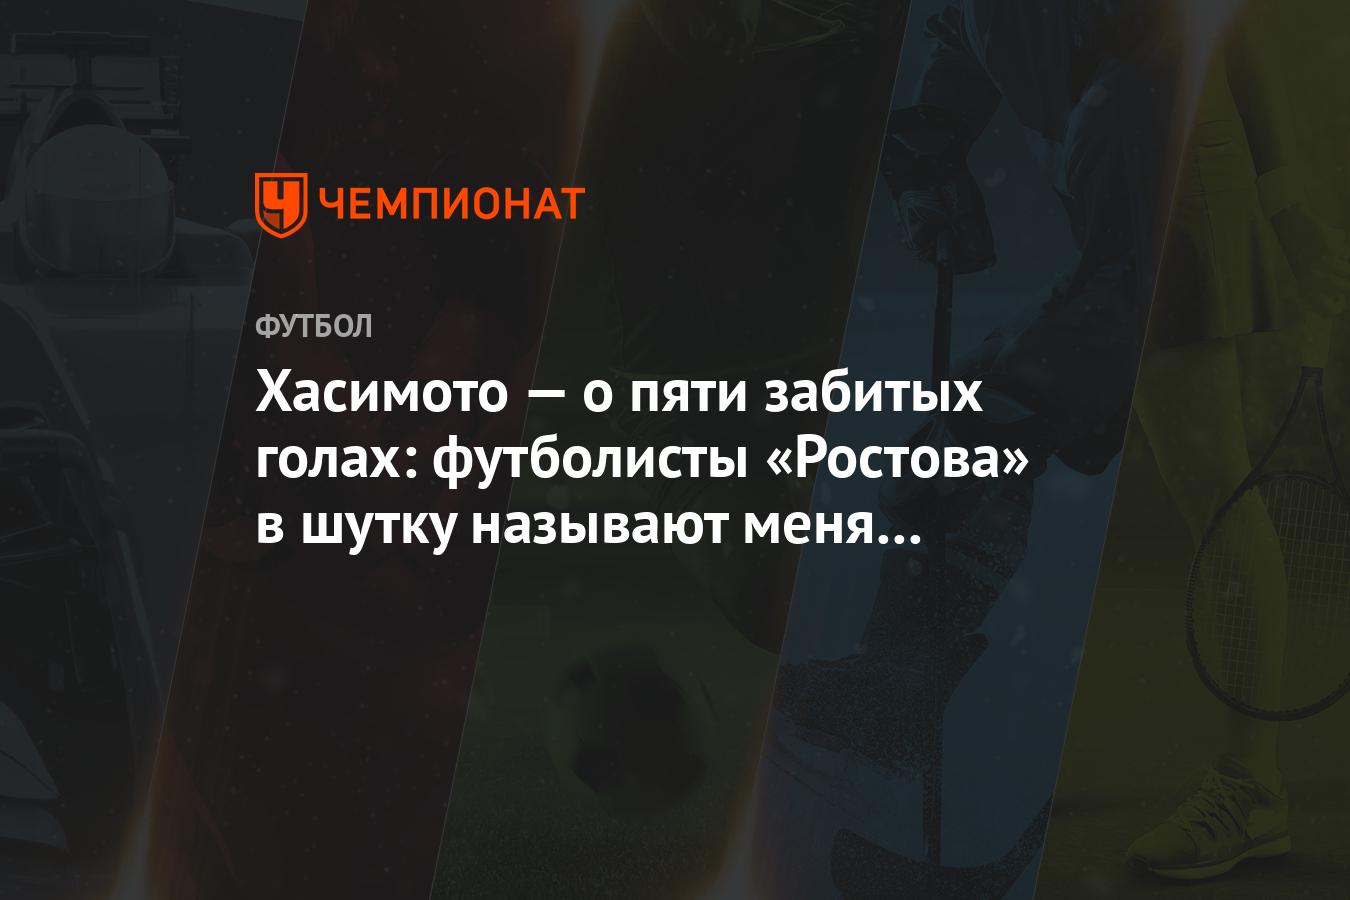 Хасимото — о пяти забитых голах: футболисты «Ростова» в шутку называют меня нападающим